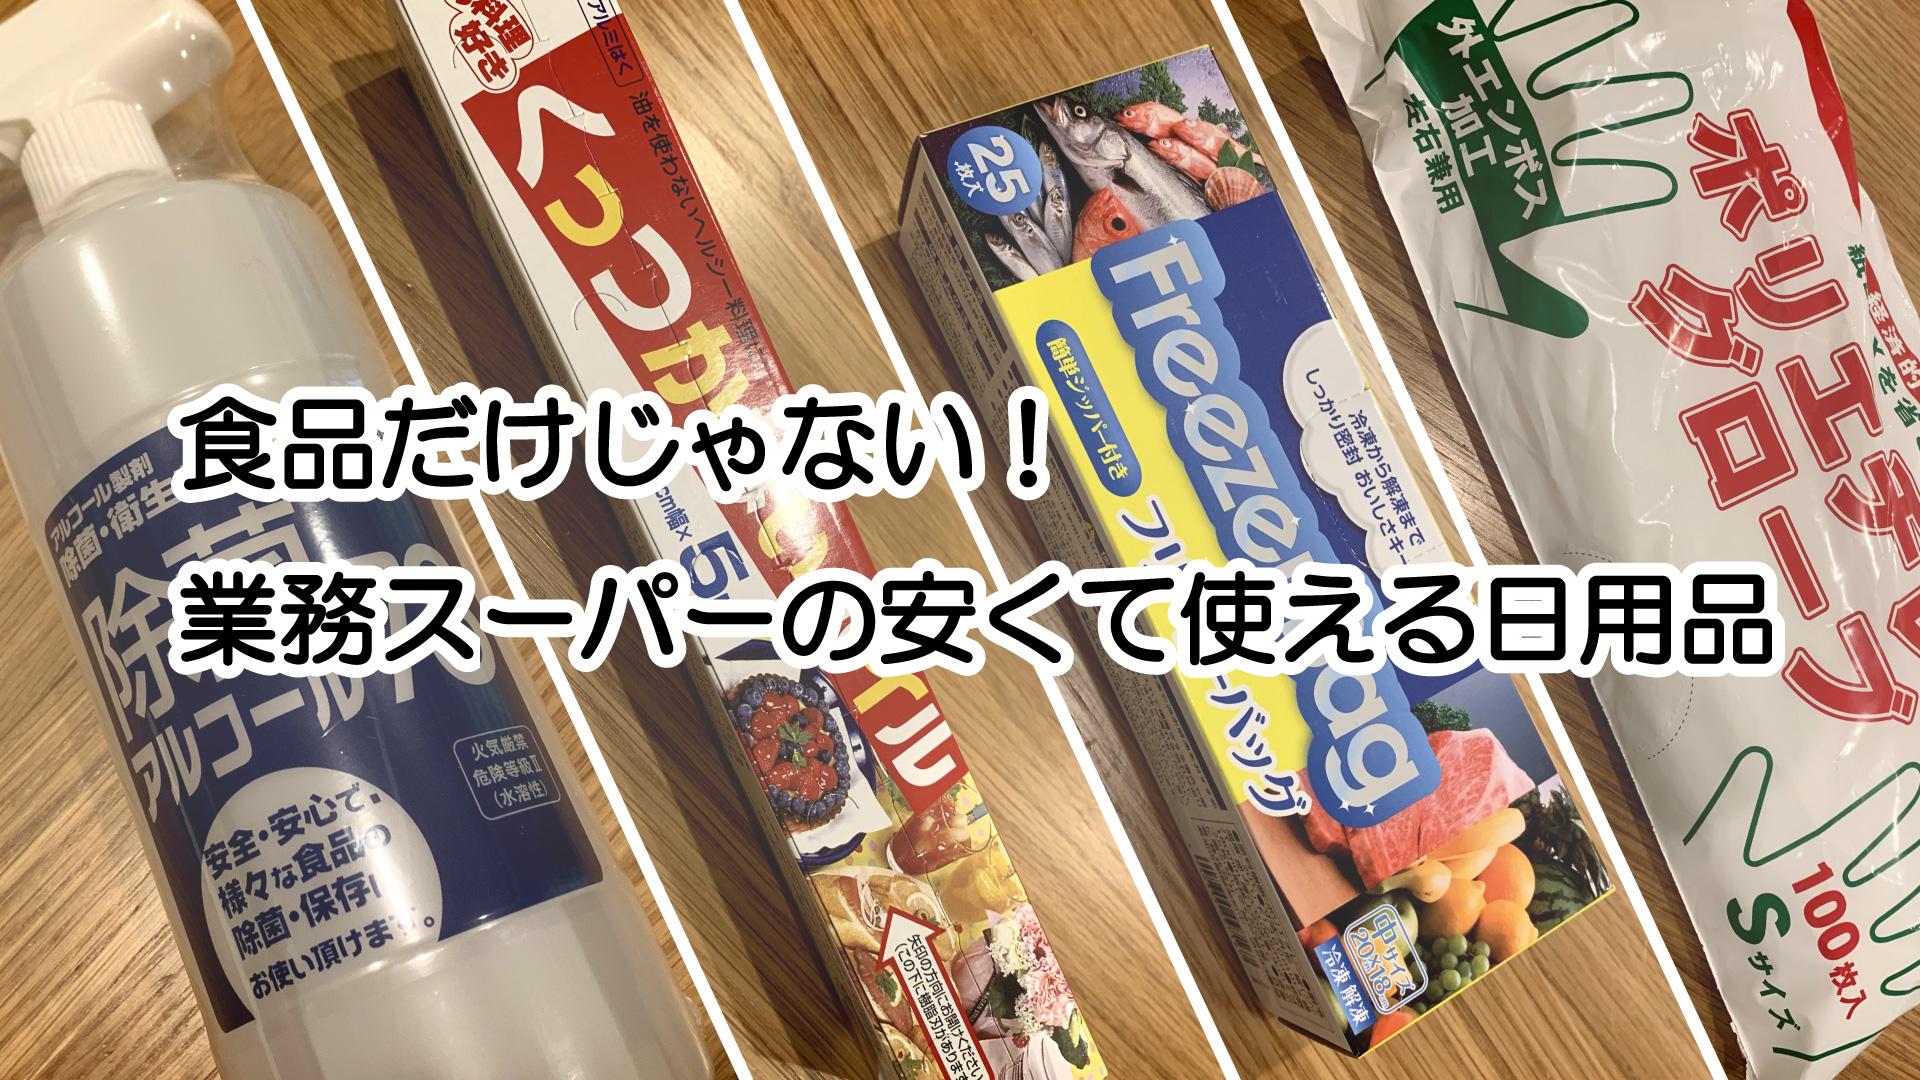 おすすめ 業務 用 スーパー